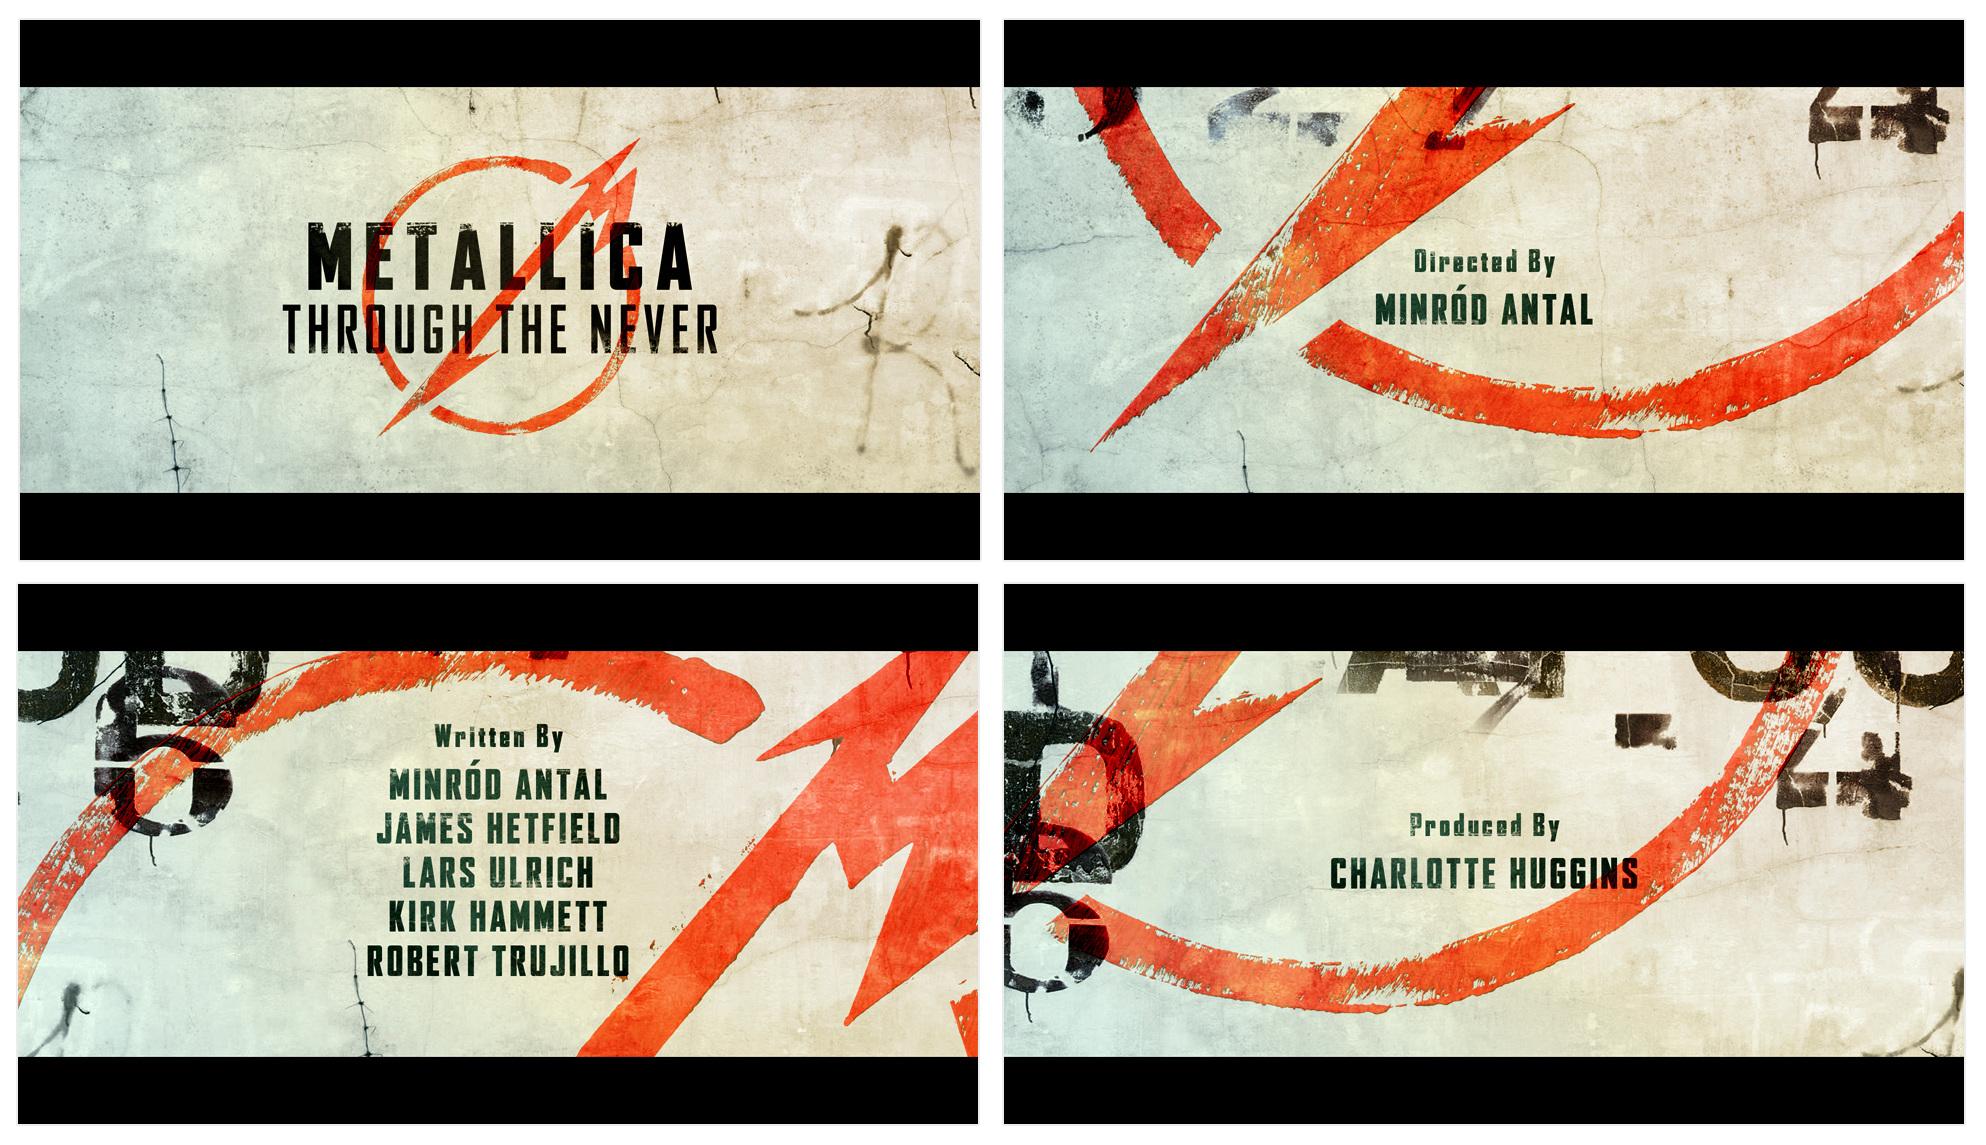 Metallica Through the Never - EJ